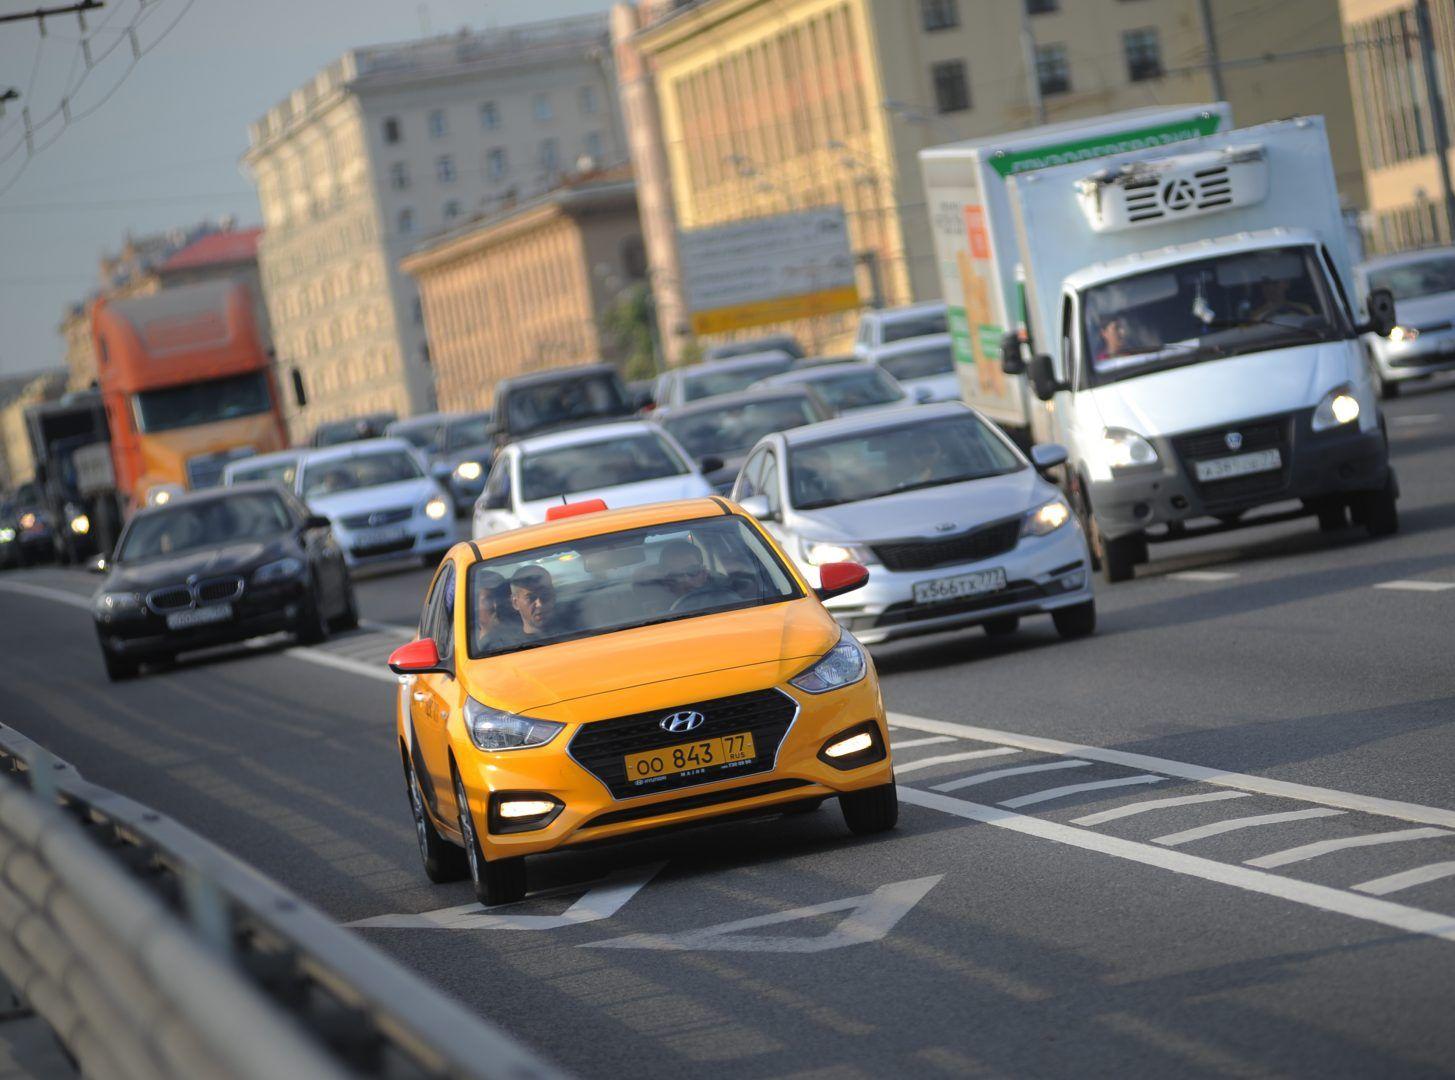 ЦОДД планирует провести работы по ликвидацииопасных участков на дорогах Москвы. Фото:Александр Кожохин